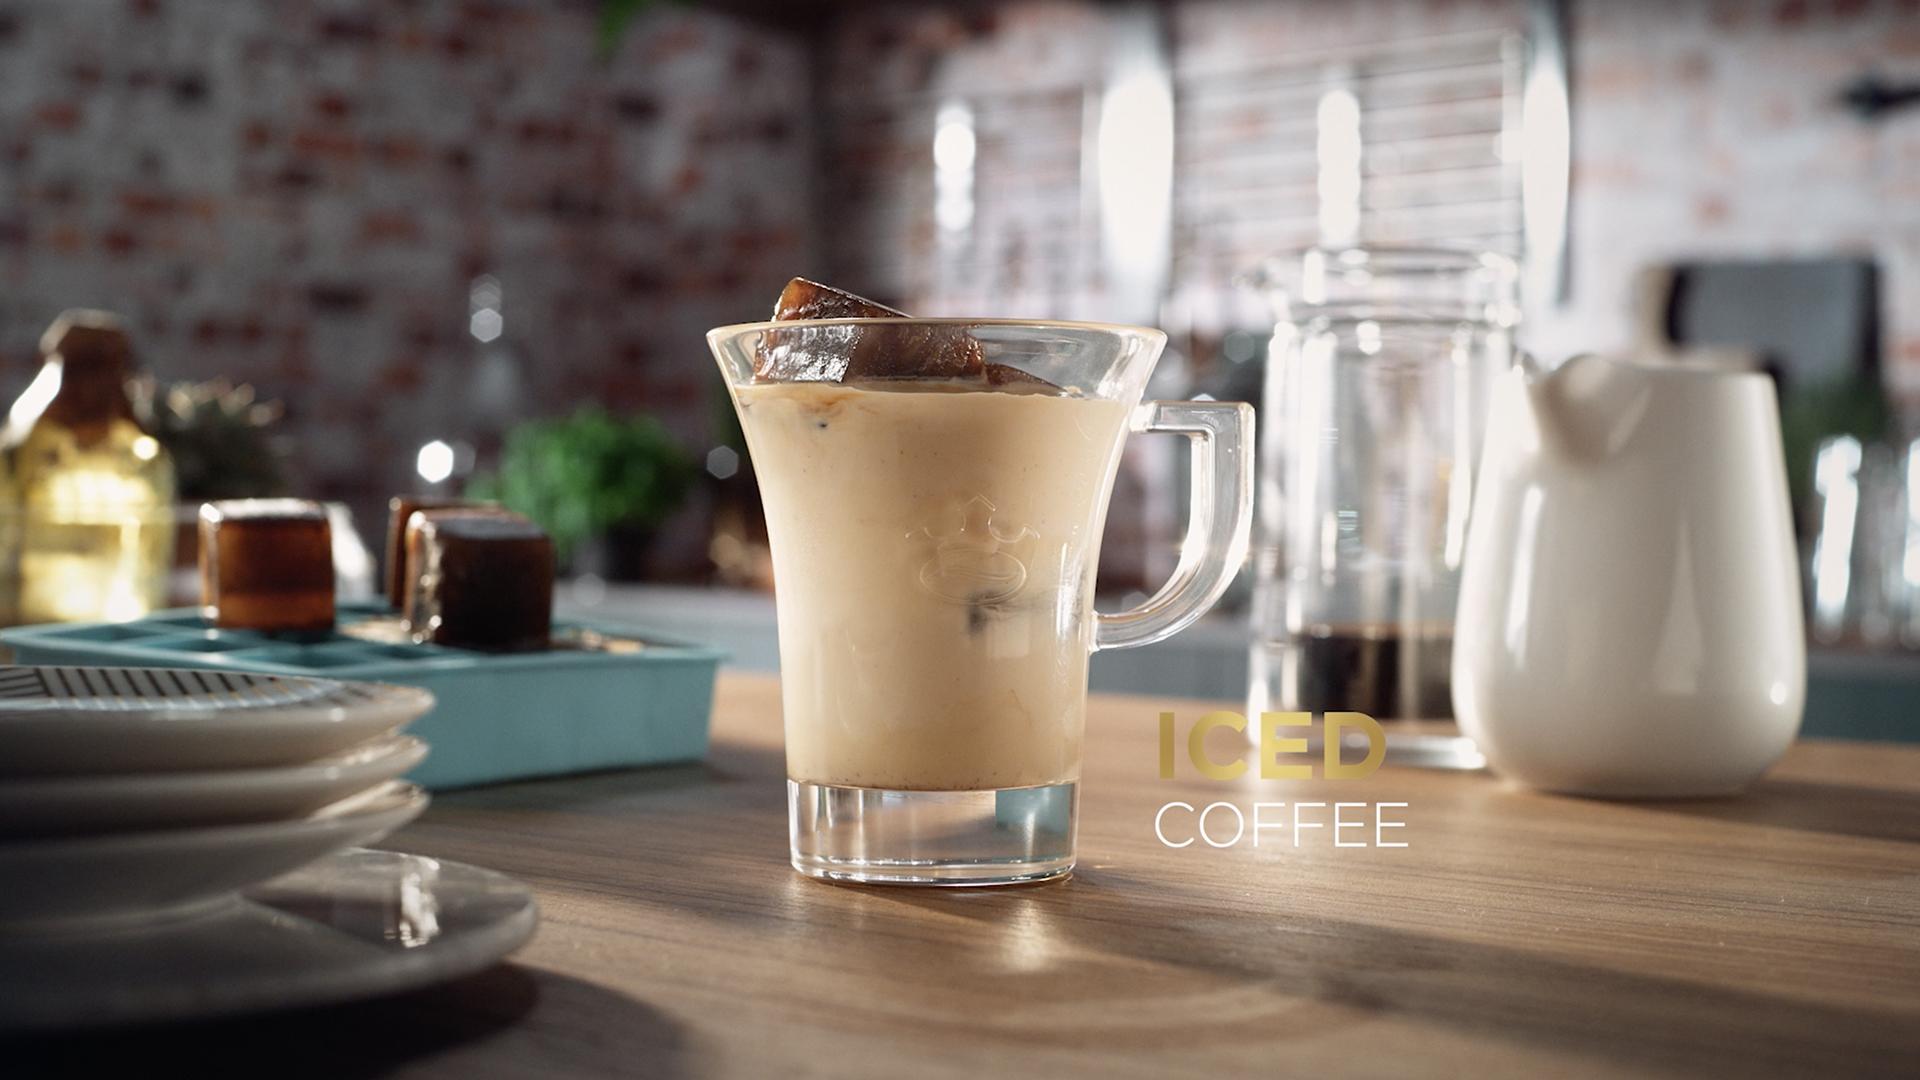 Jacobs (JDE) Iced Coffee